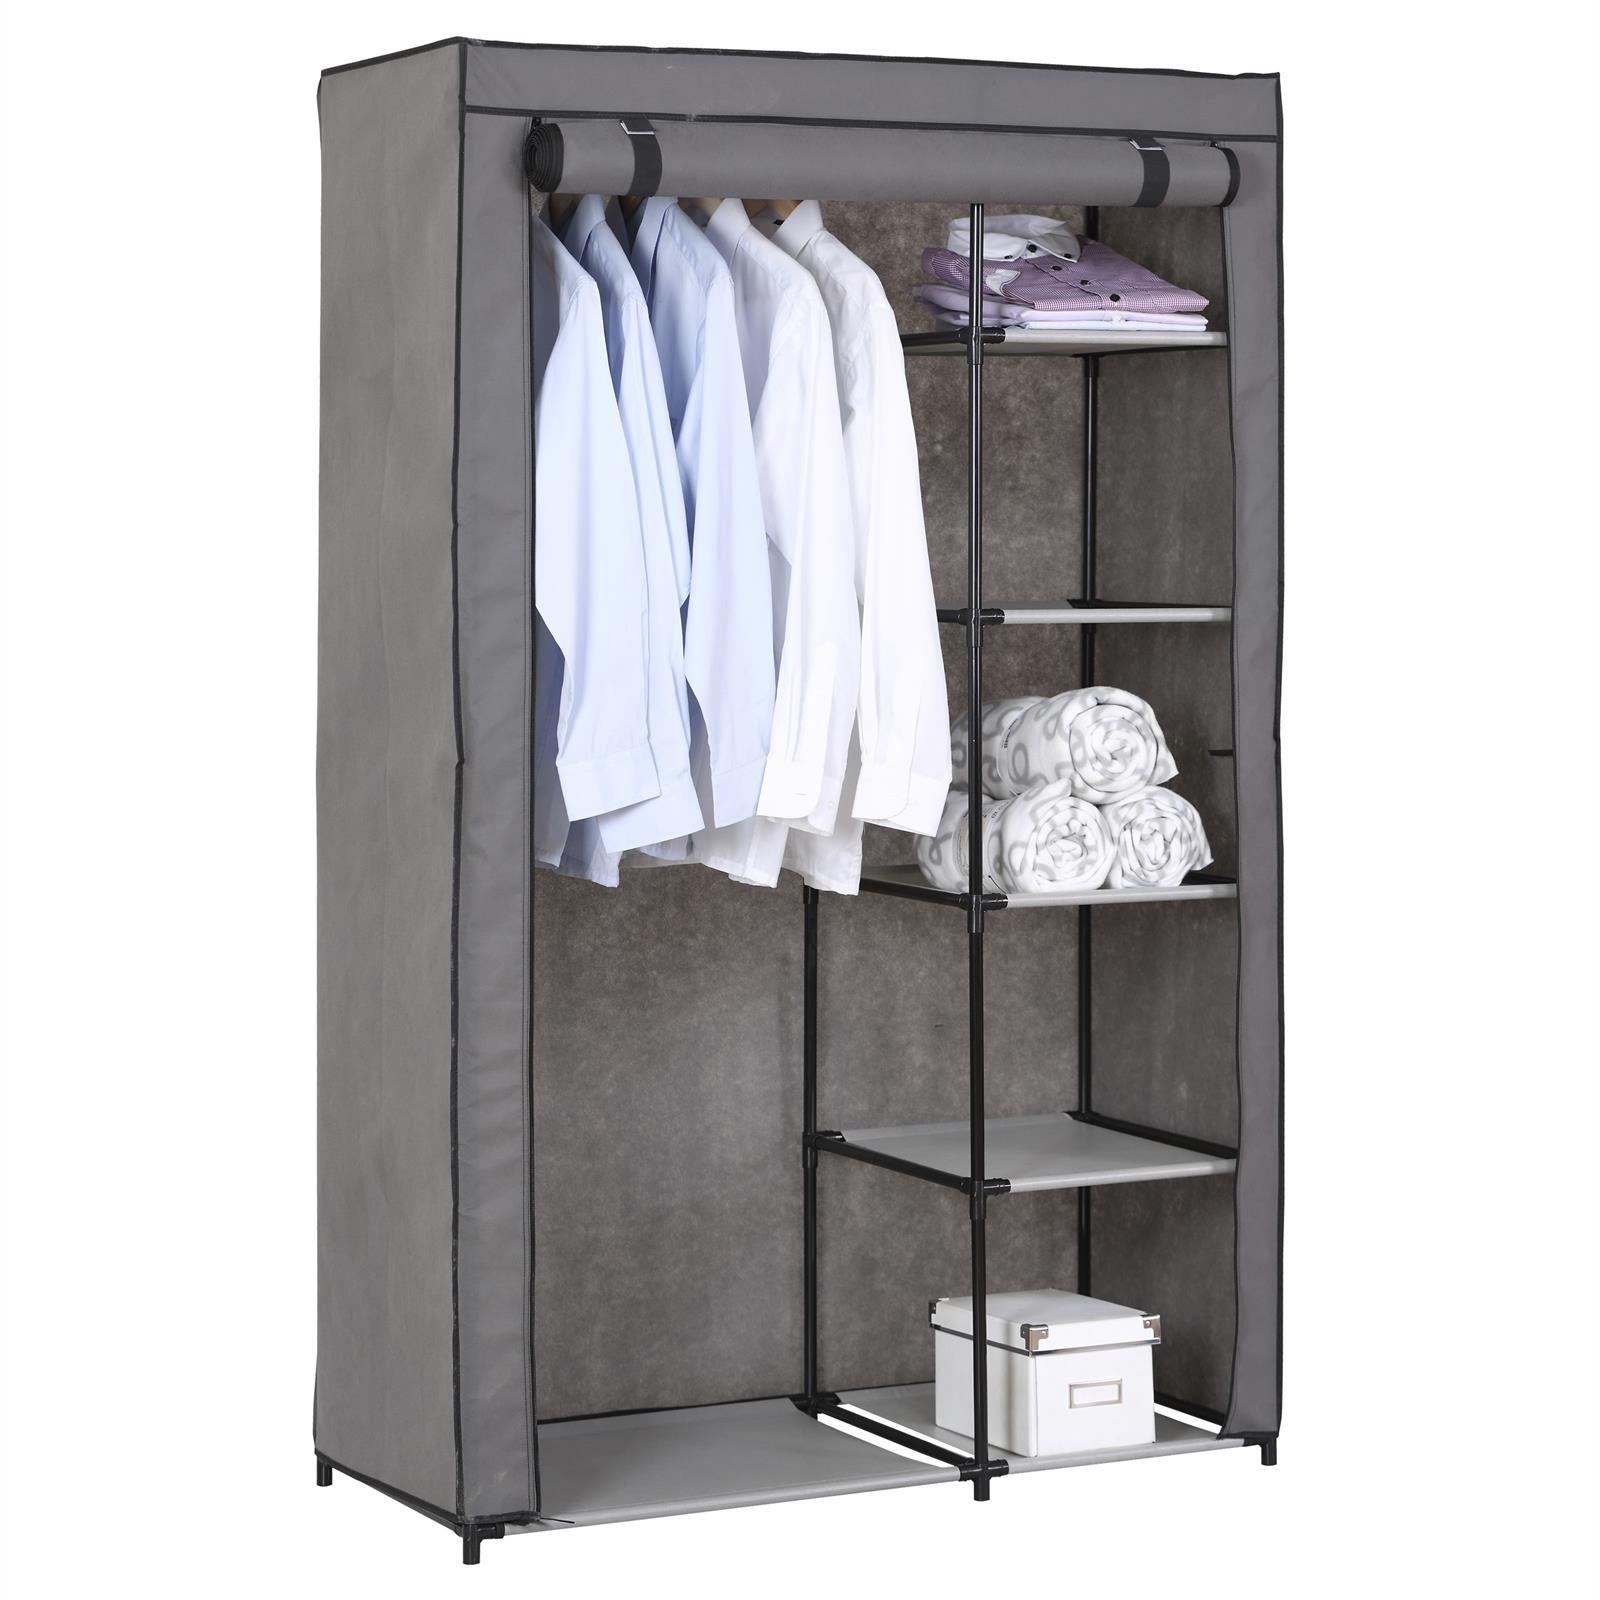 Stoff Kleiderschrank Online Gunstig Kaufen Bei Mobilia24